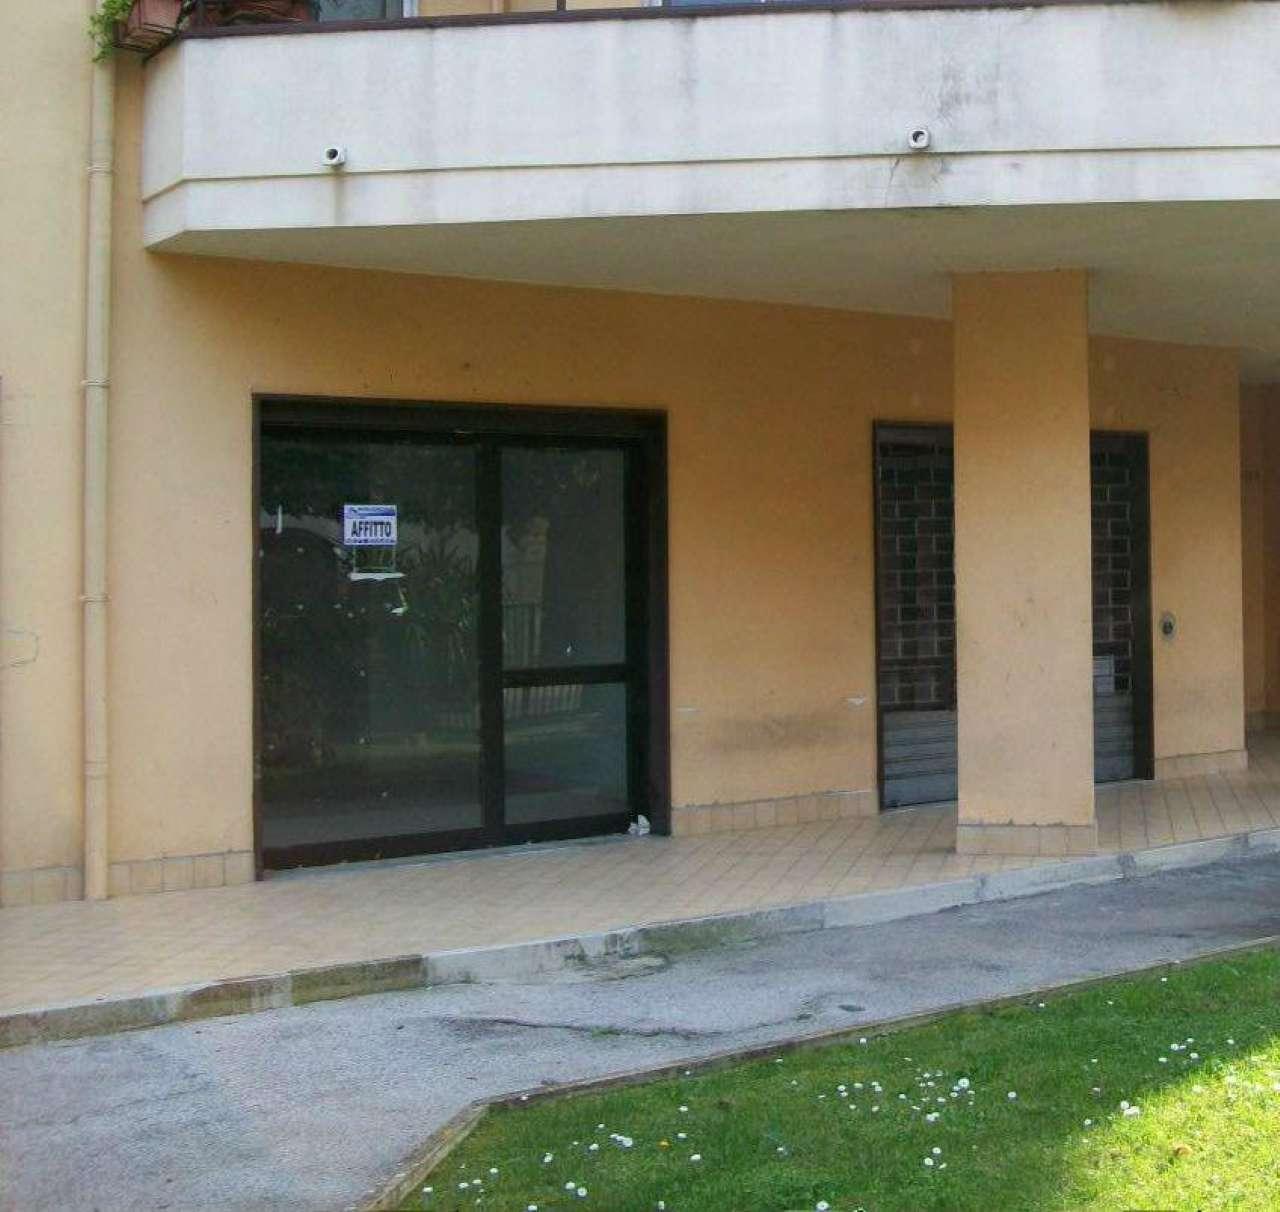 Negozio / Locale in affitto a Santa Maria a Vico, 1 locali, prezzo € 250 | CambioCasa.it